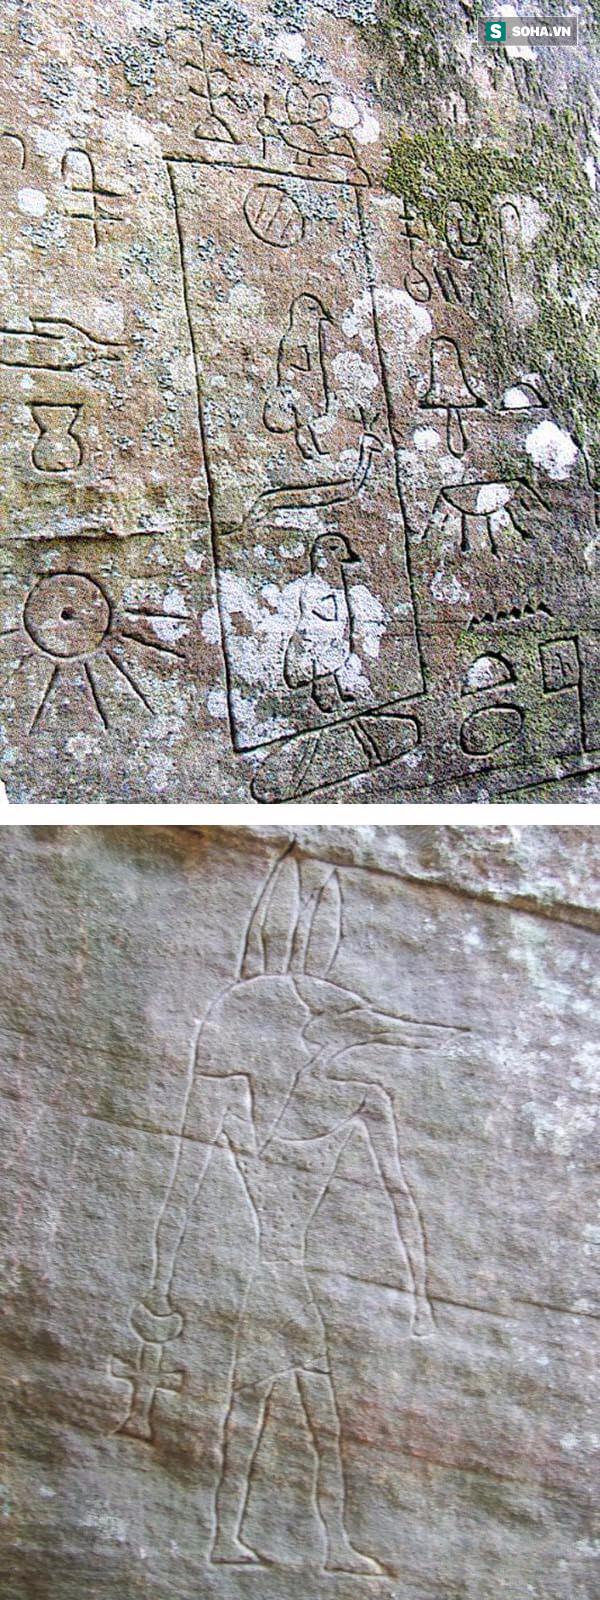 Người Ai Cập cổ đại từng vượt biển đến Australia? - Ảnh 1.